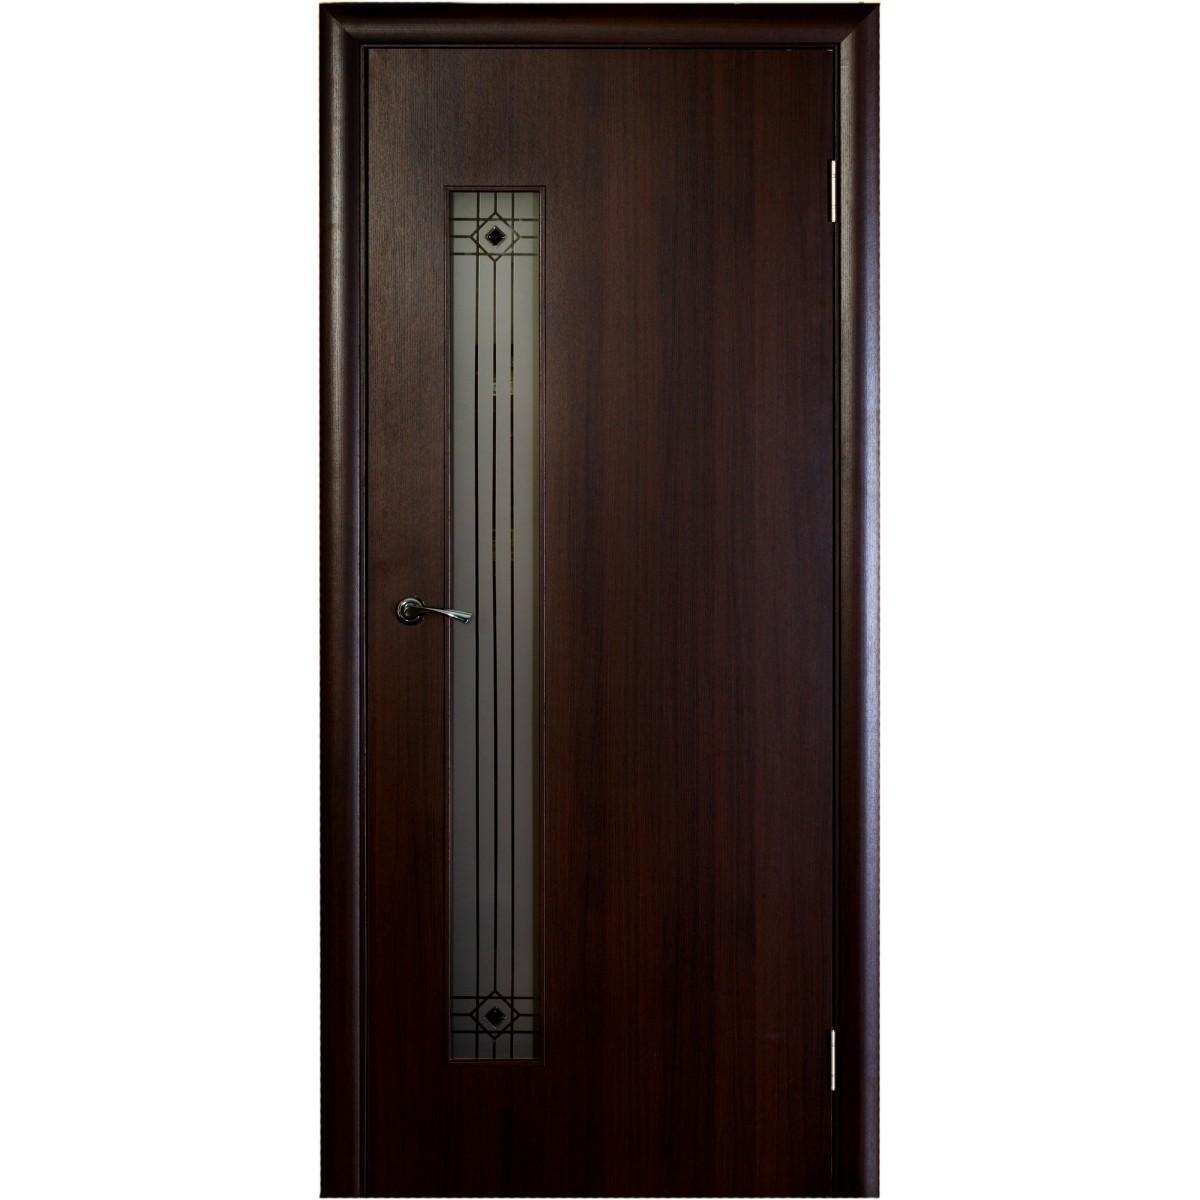 Дверь межкомнатная остеклённая Стандарт 70x200 см ламинация цвет венге